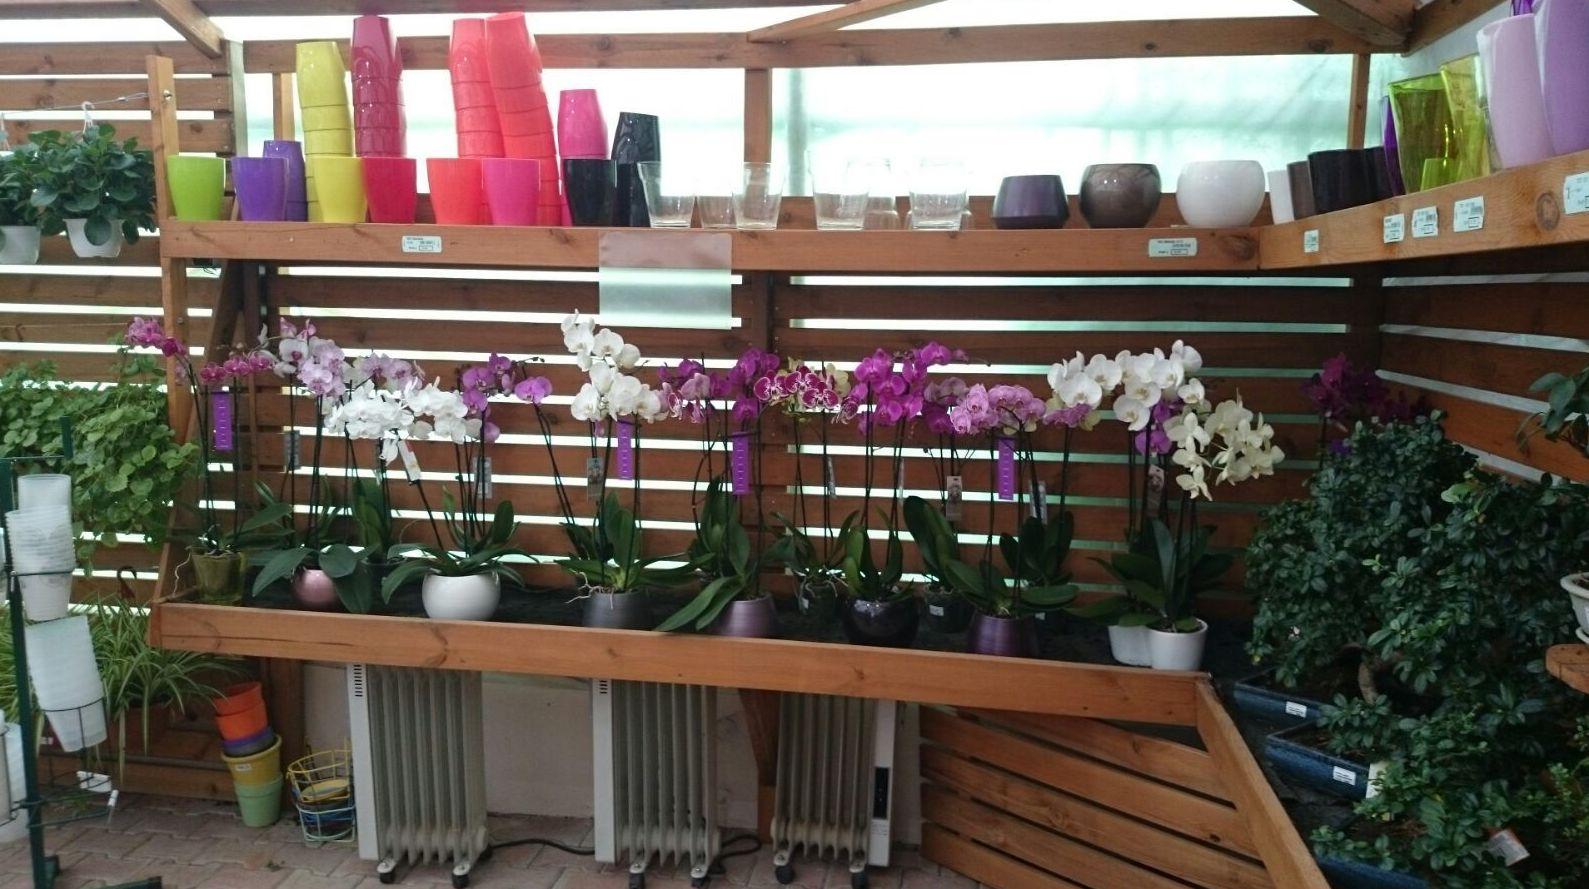 Foto 11 de Excelente surtido en productos para todo tipo de jardines en Castelló d'Empúries | Mercajardí